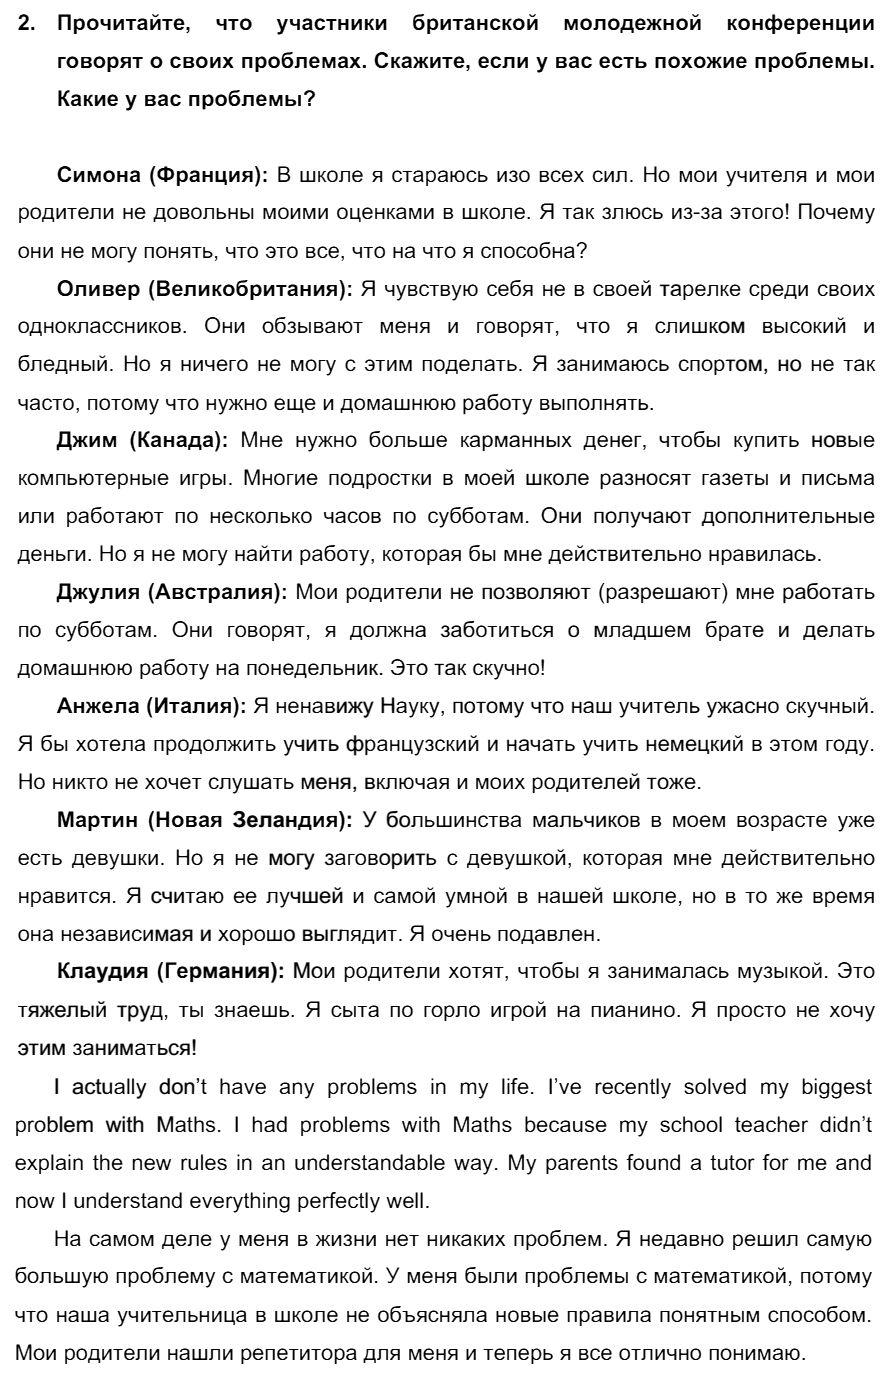 Английский язык 7 класс Биболетова М. З. Unit 3. Взгляните на проблемы подростков: школьное образование / Разделы 1-9: 2